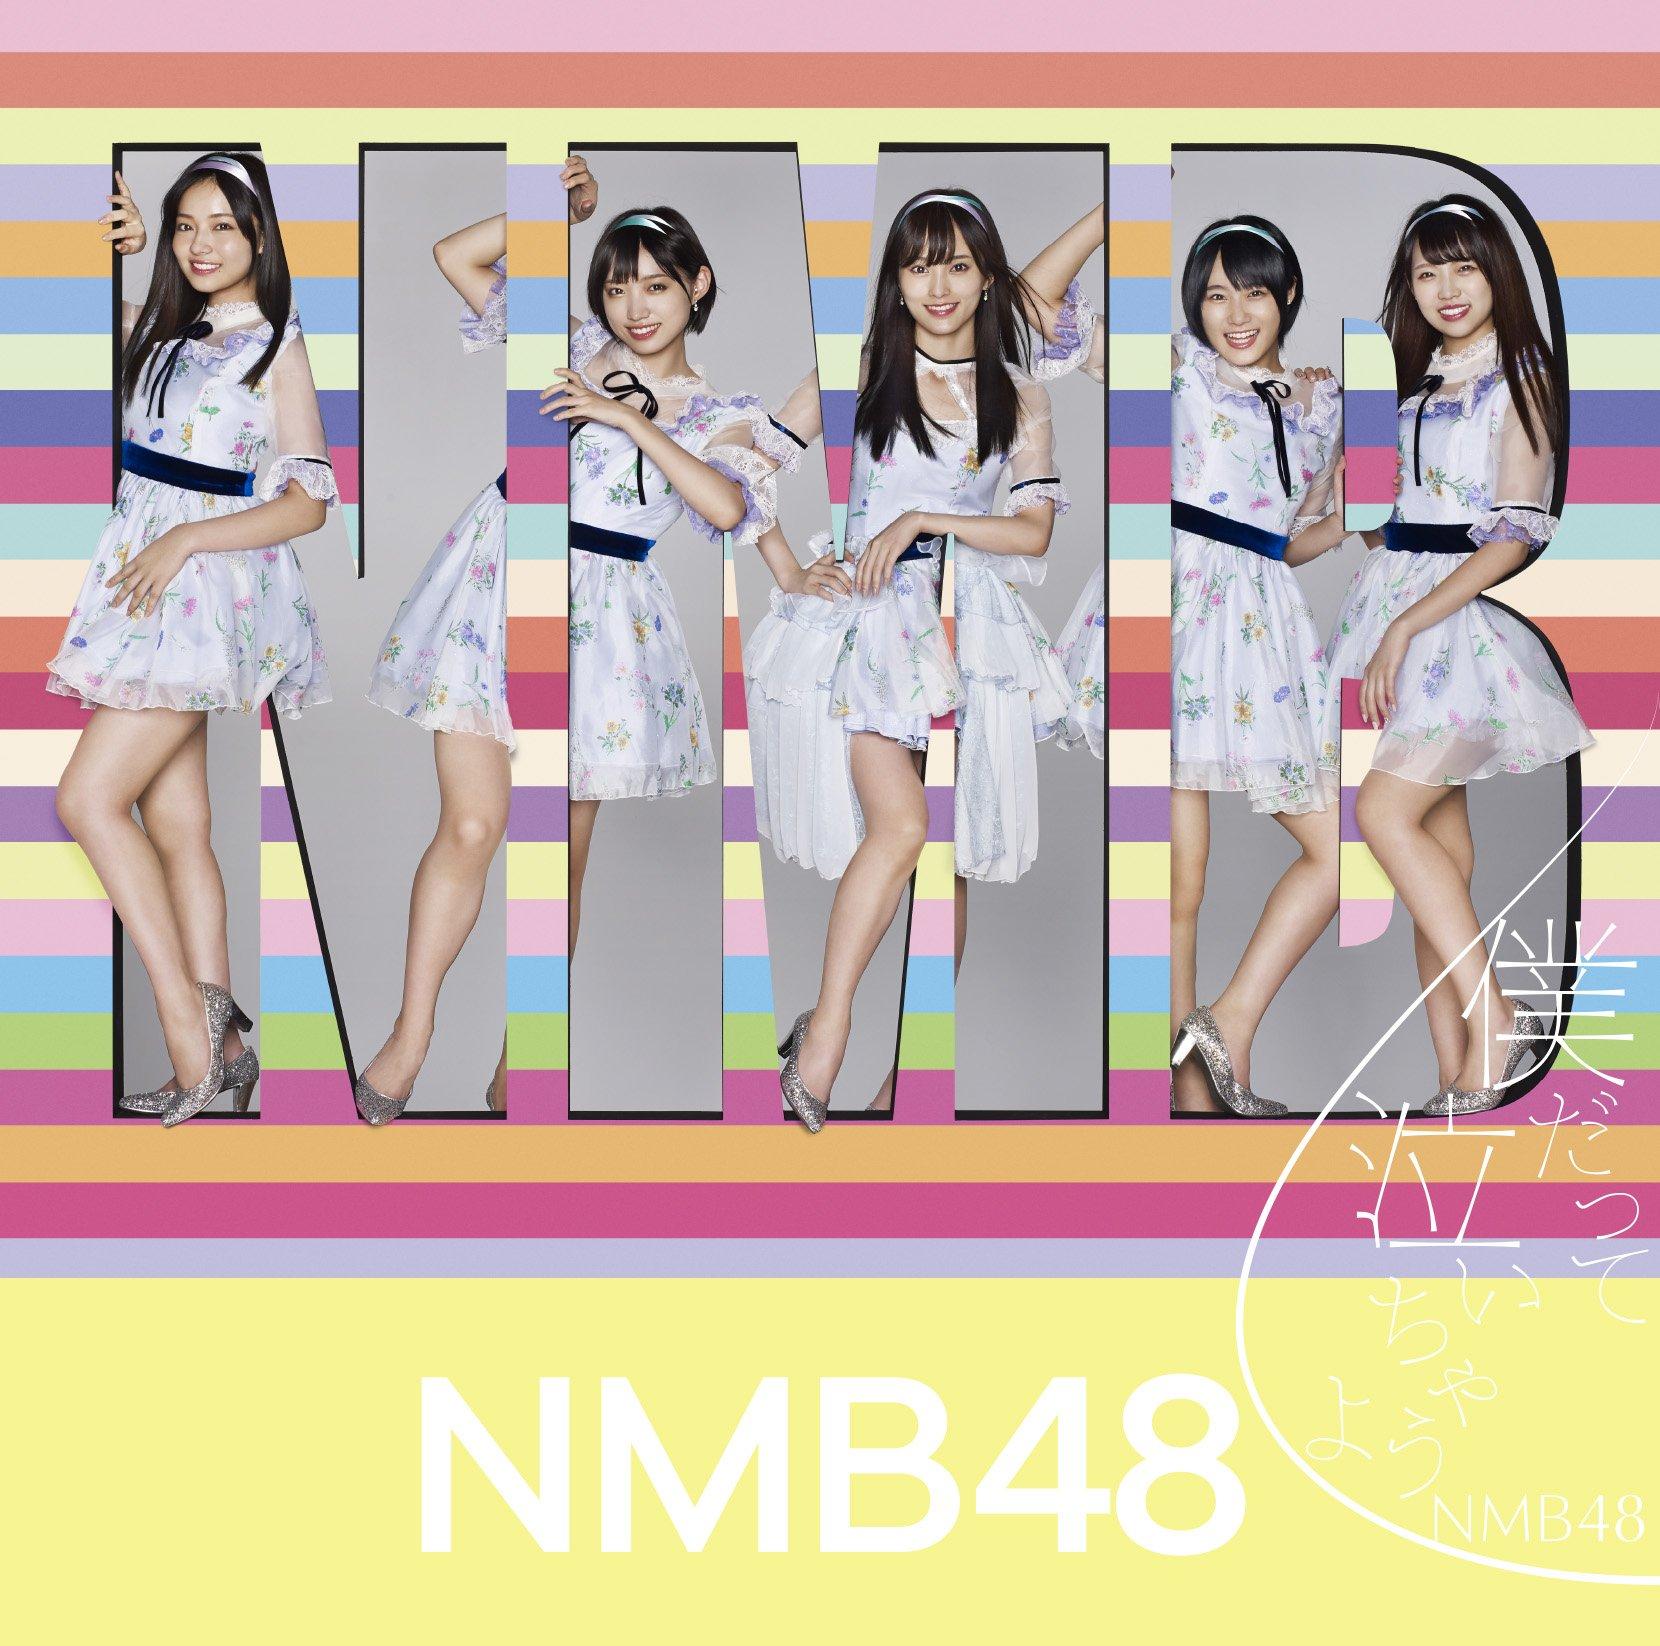 File:NMB48BokuDattenaichauyoLimC.jpg